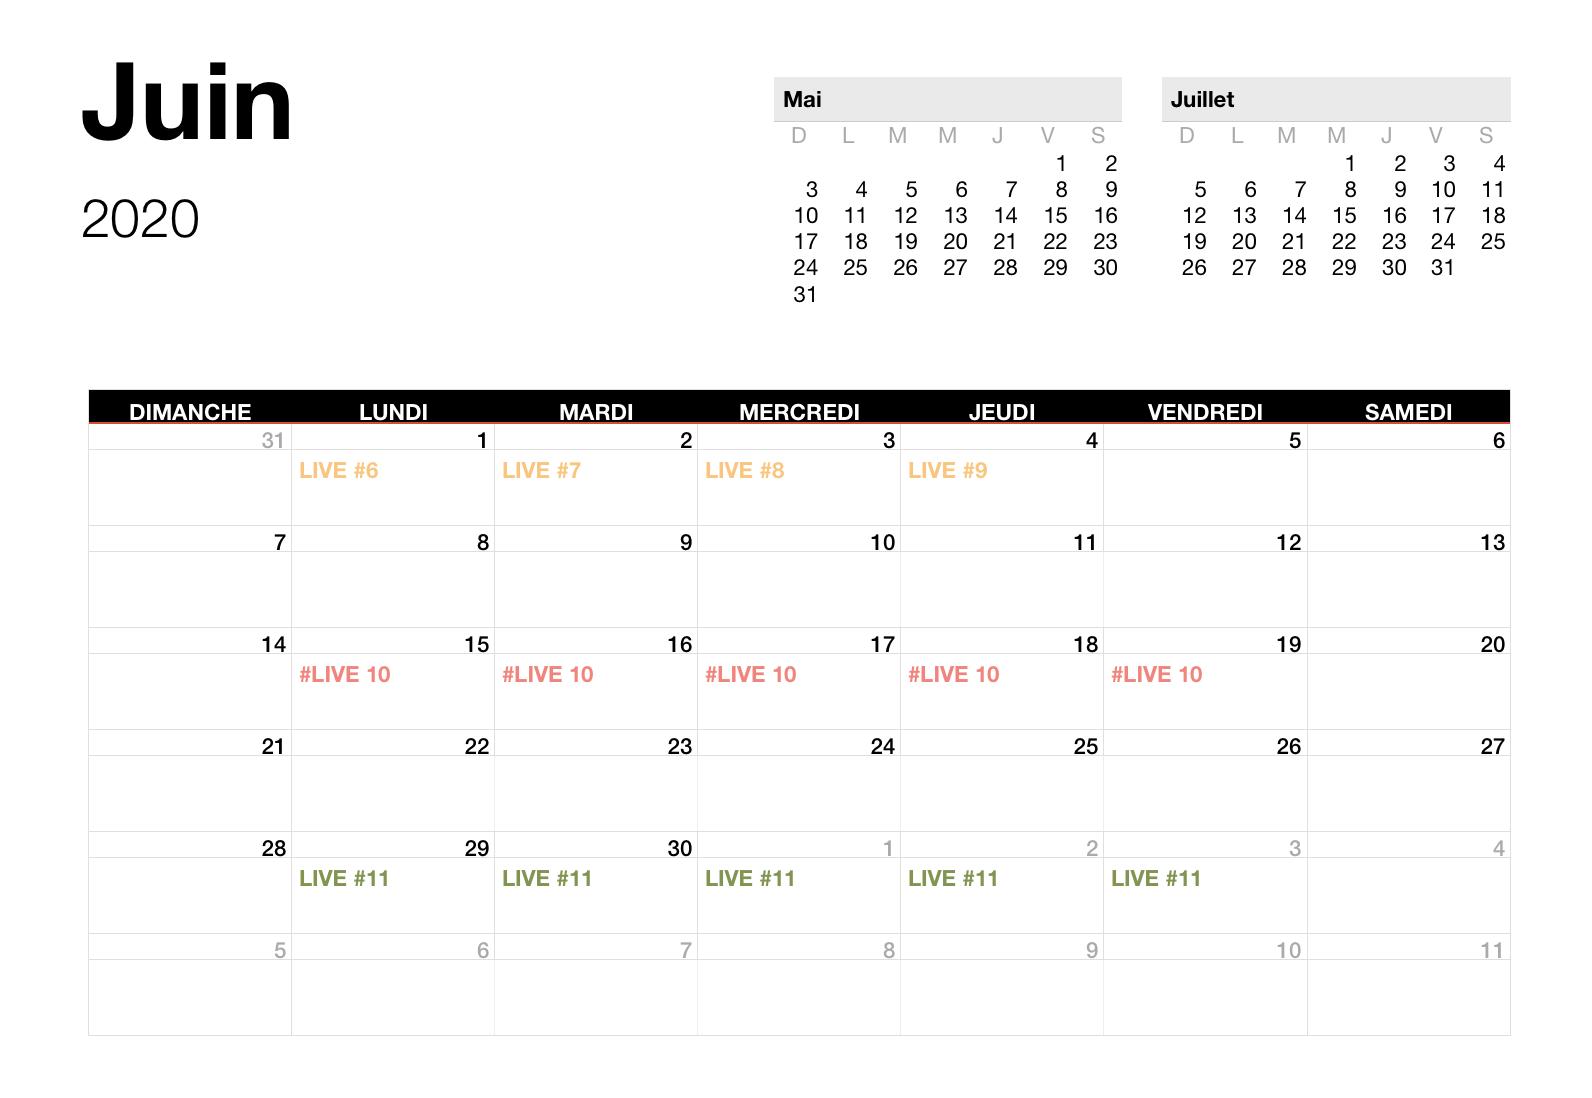 Juin - 2020